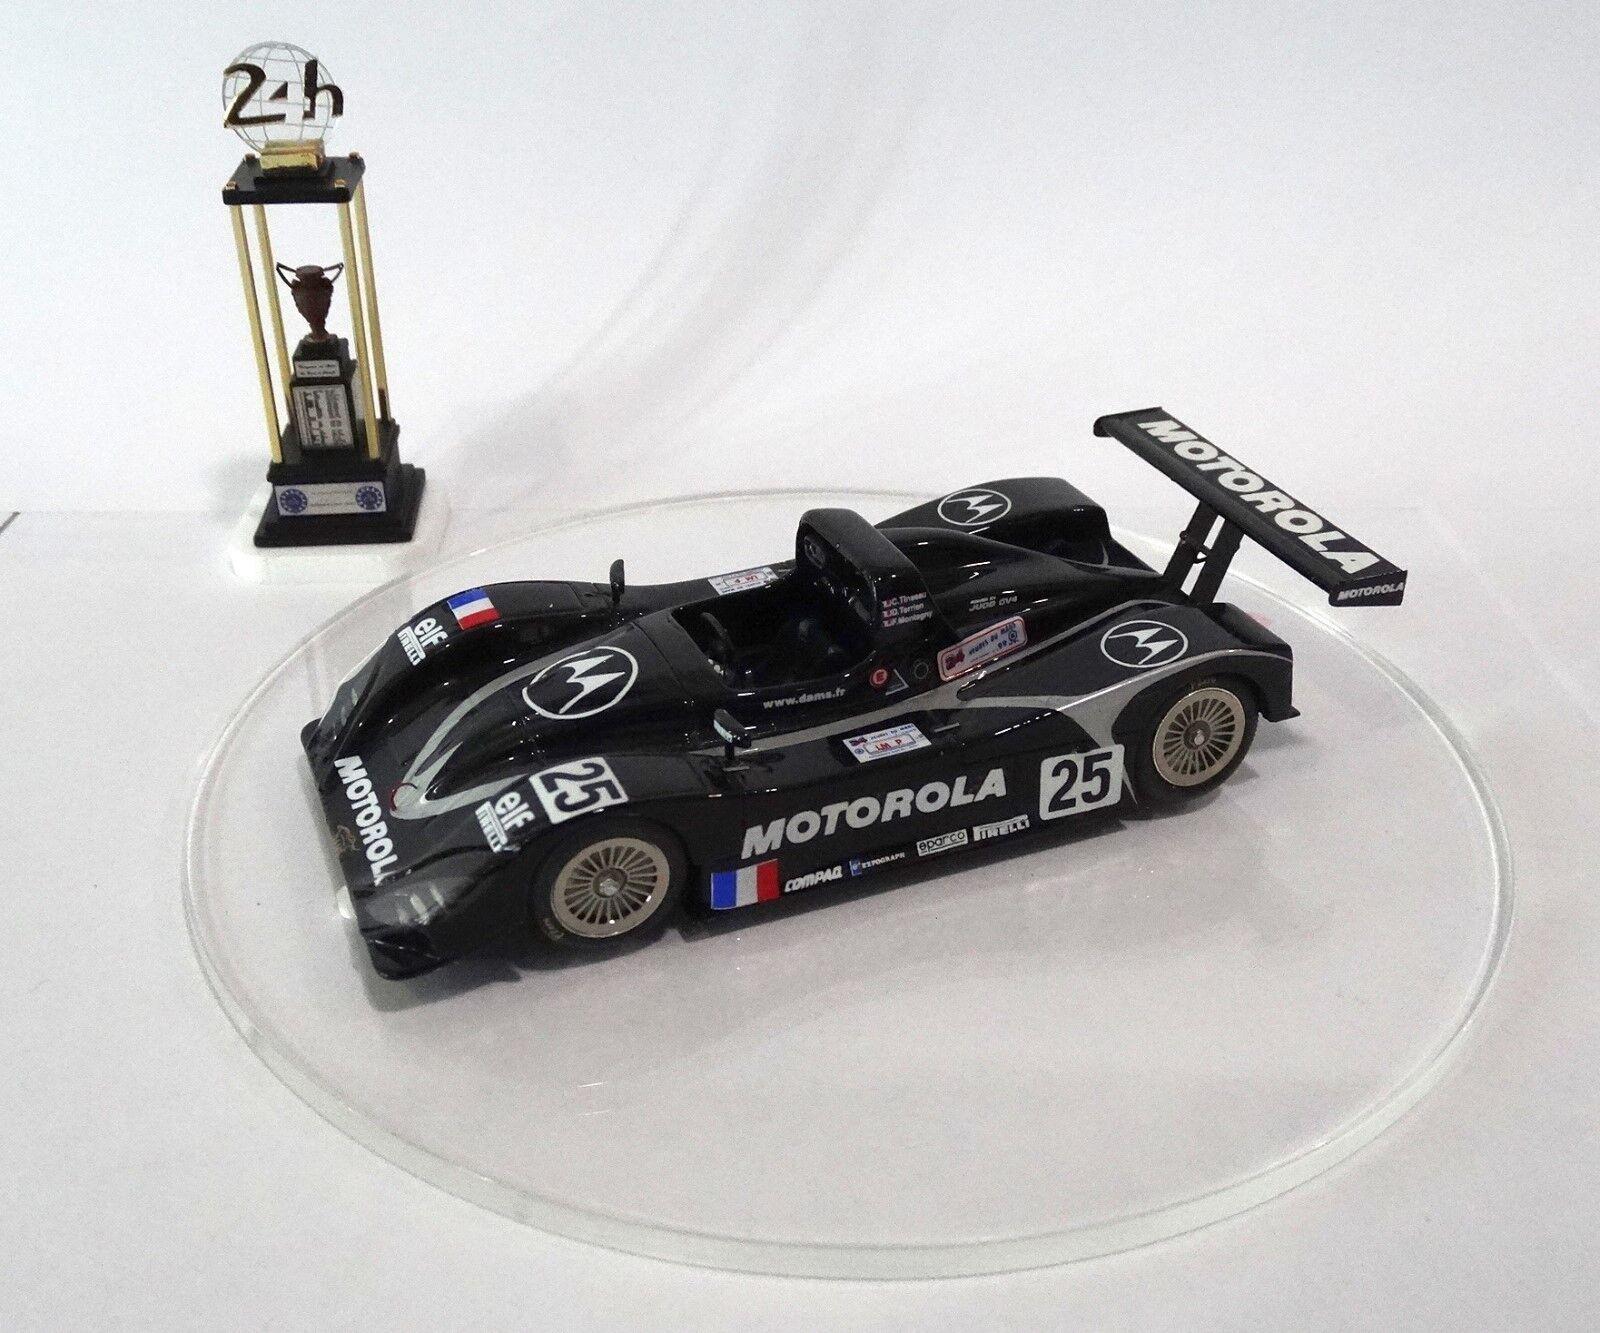 LOLA T98-10  25 DAMS Le Mans 1999 Built Monté Kit 1/43 no spark MINICHAMPS